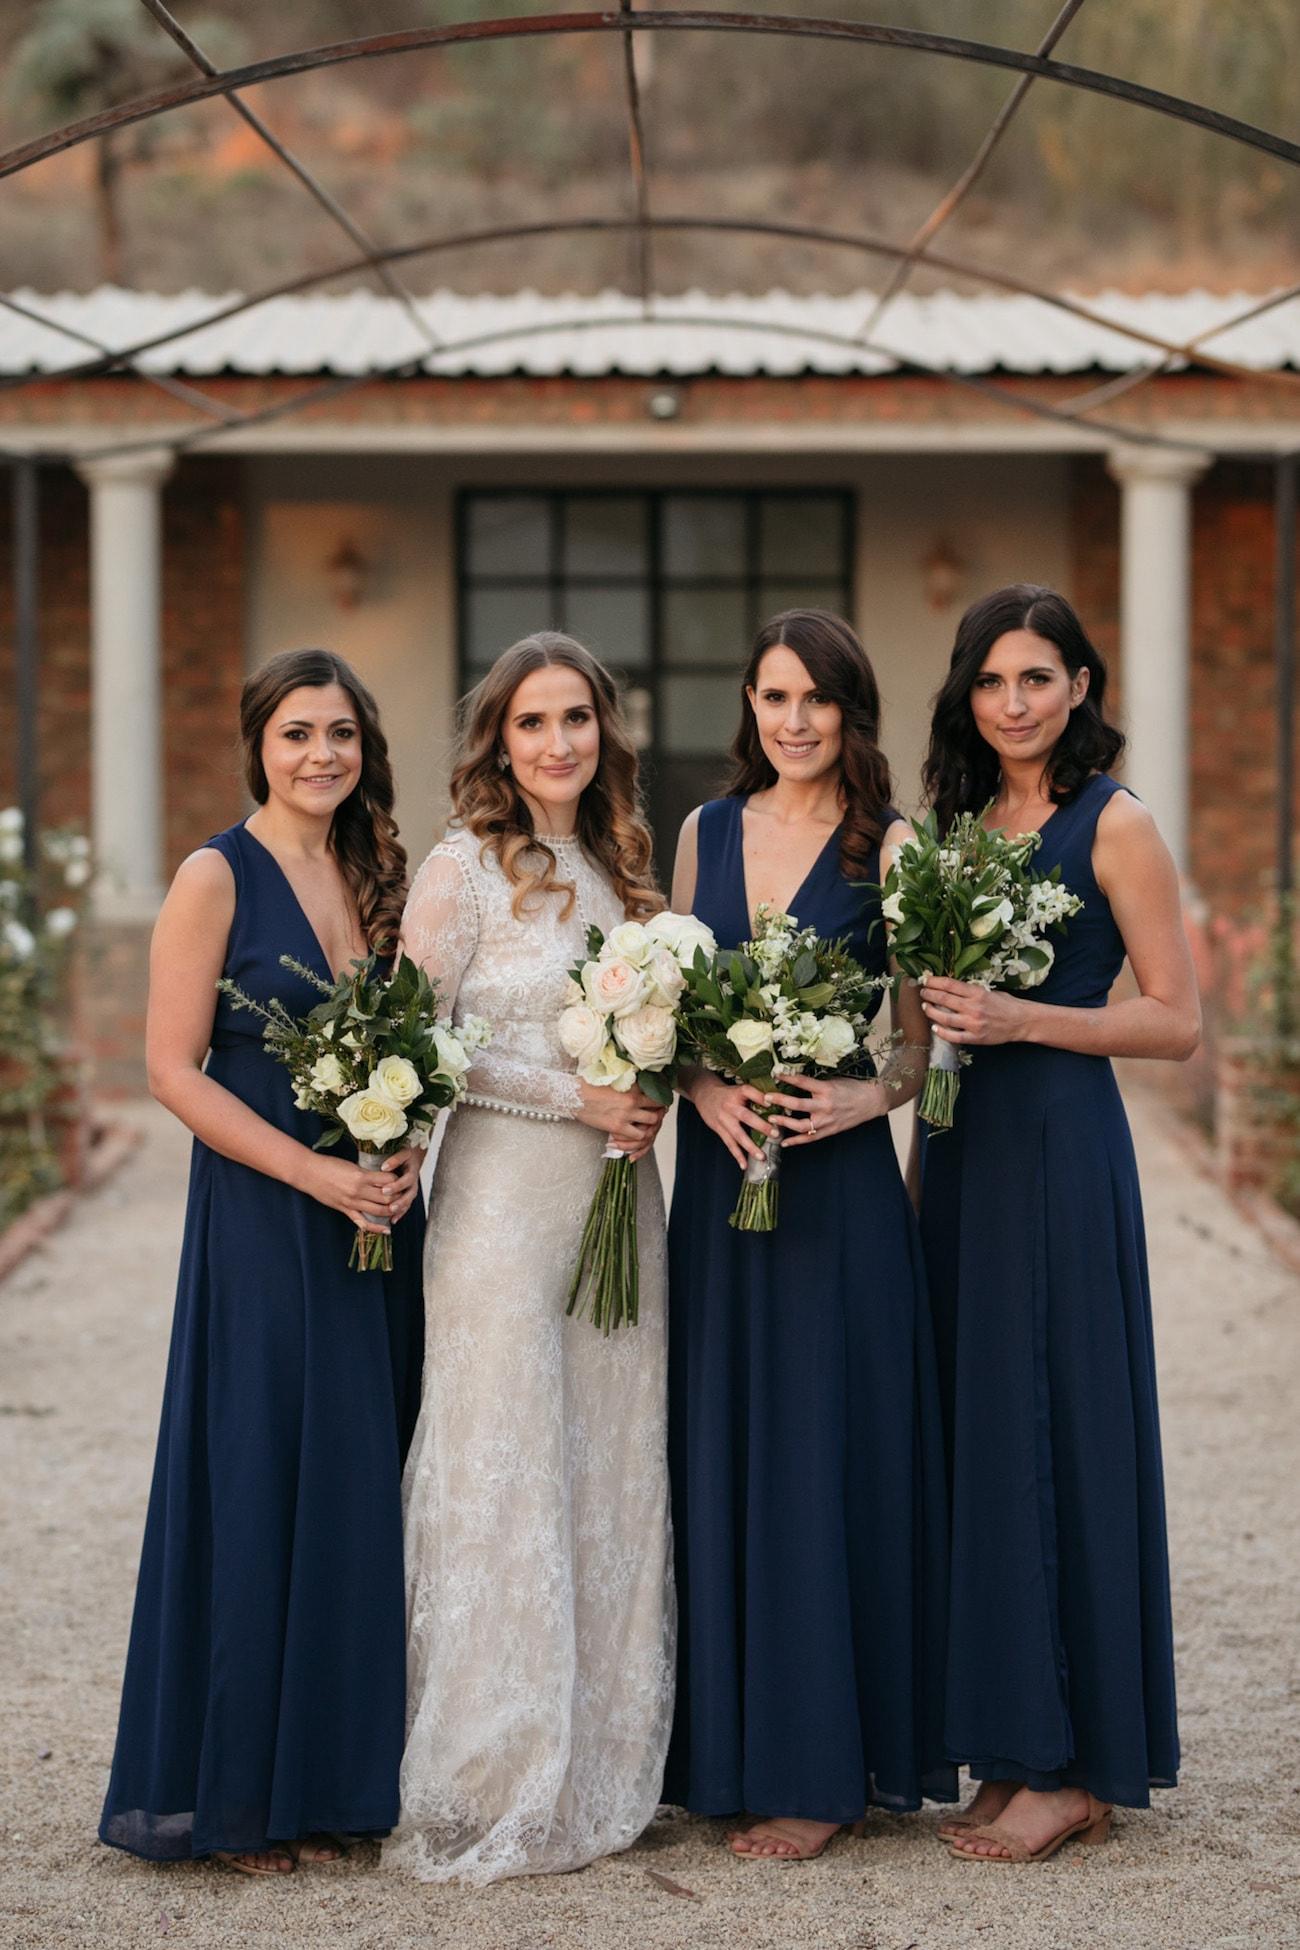 32fde5e635f Black Tie Wedding Bridesmaid Dresses. Purple Bridesmaid Dresses And Black  Wedding The Belvedere Hotel Tie